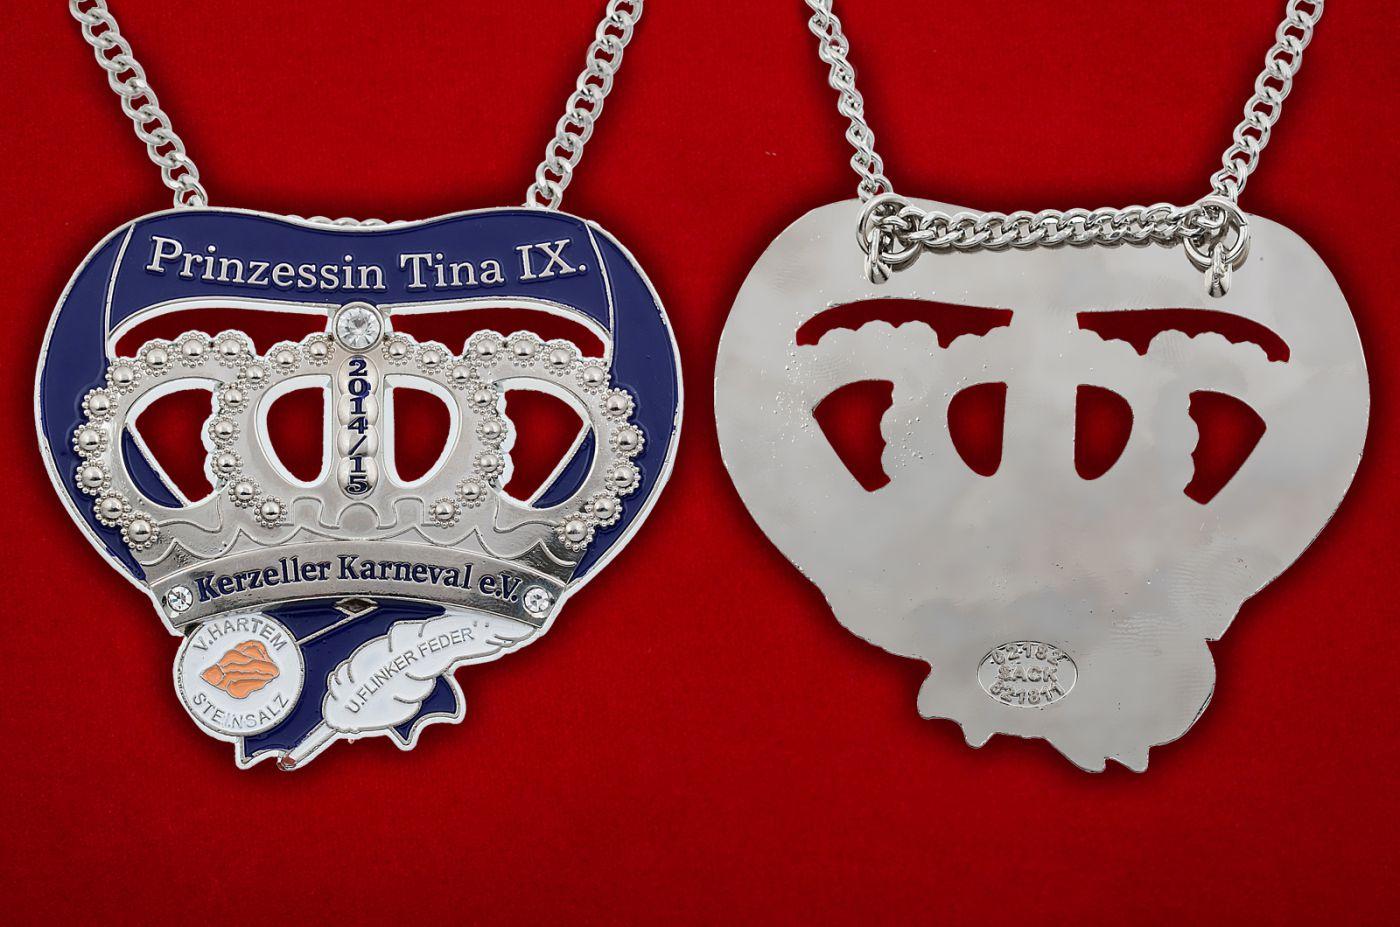 Медальон Принцессы карнавала в Керцелле - аверс и реверс